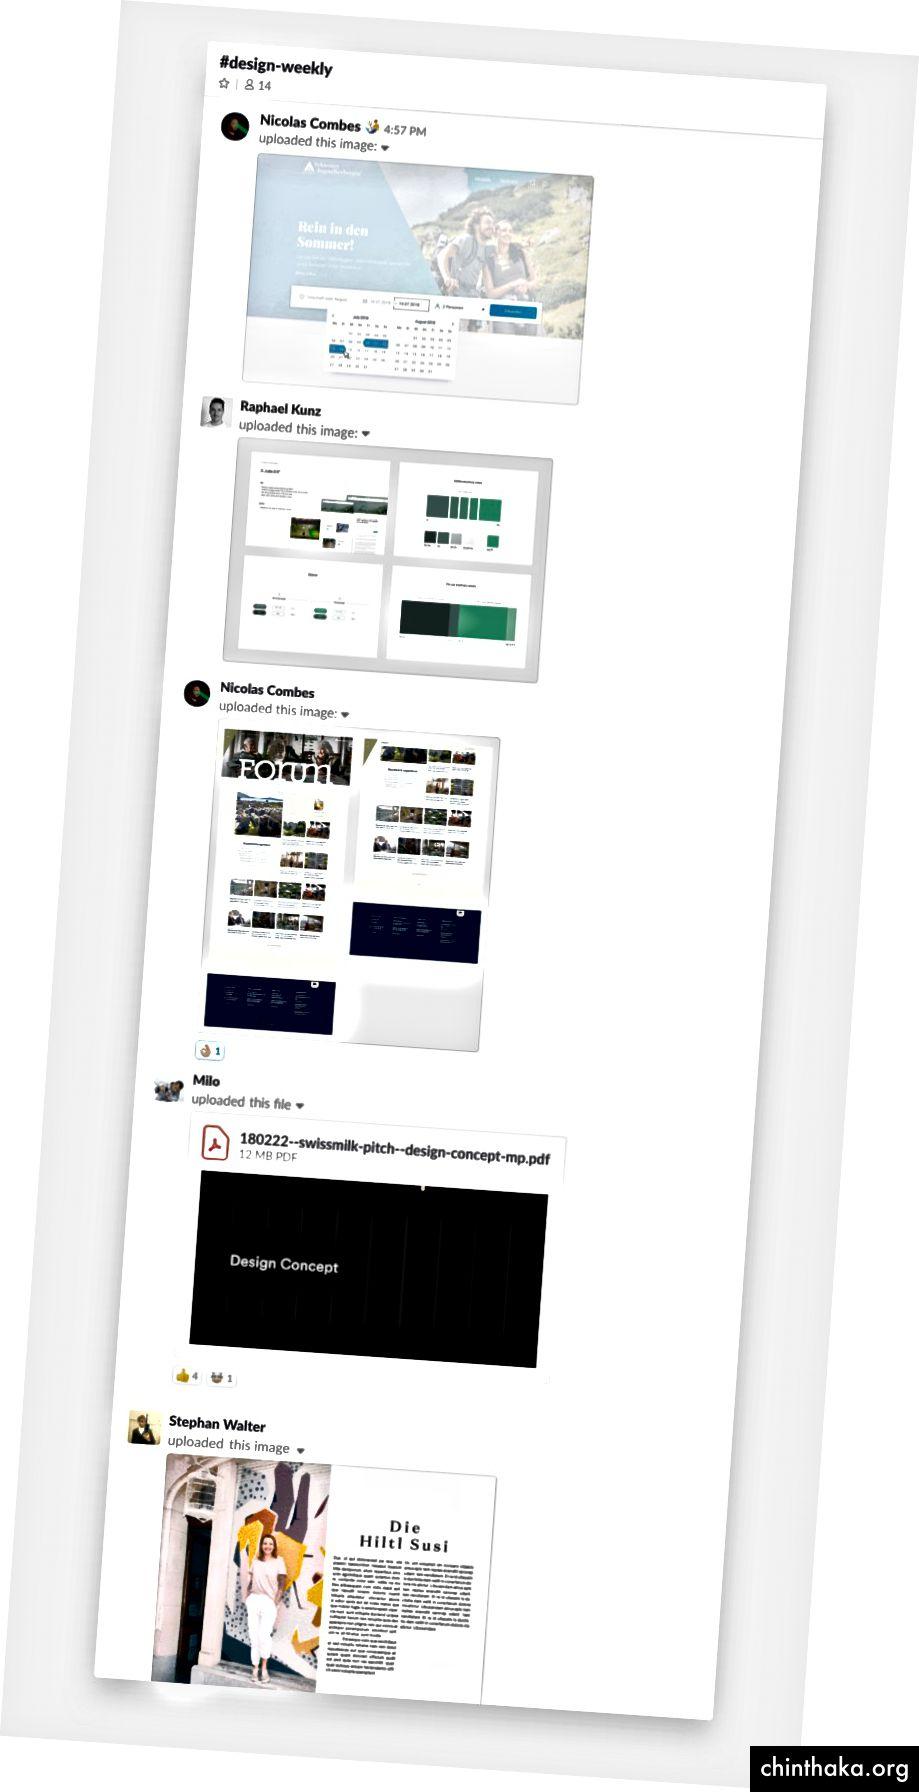 هكذا تبدو قناة قناة الركود الخاصة بنا في # design-week يوم الجمعة حوالي الساعة 5 مساءً.